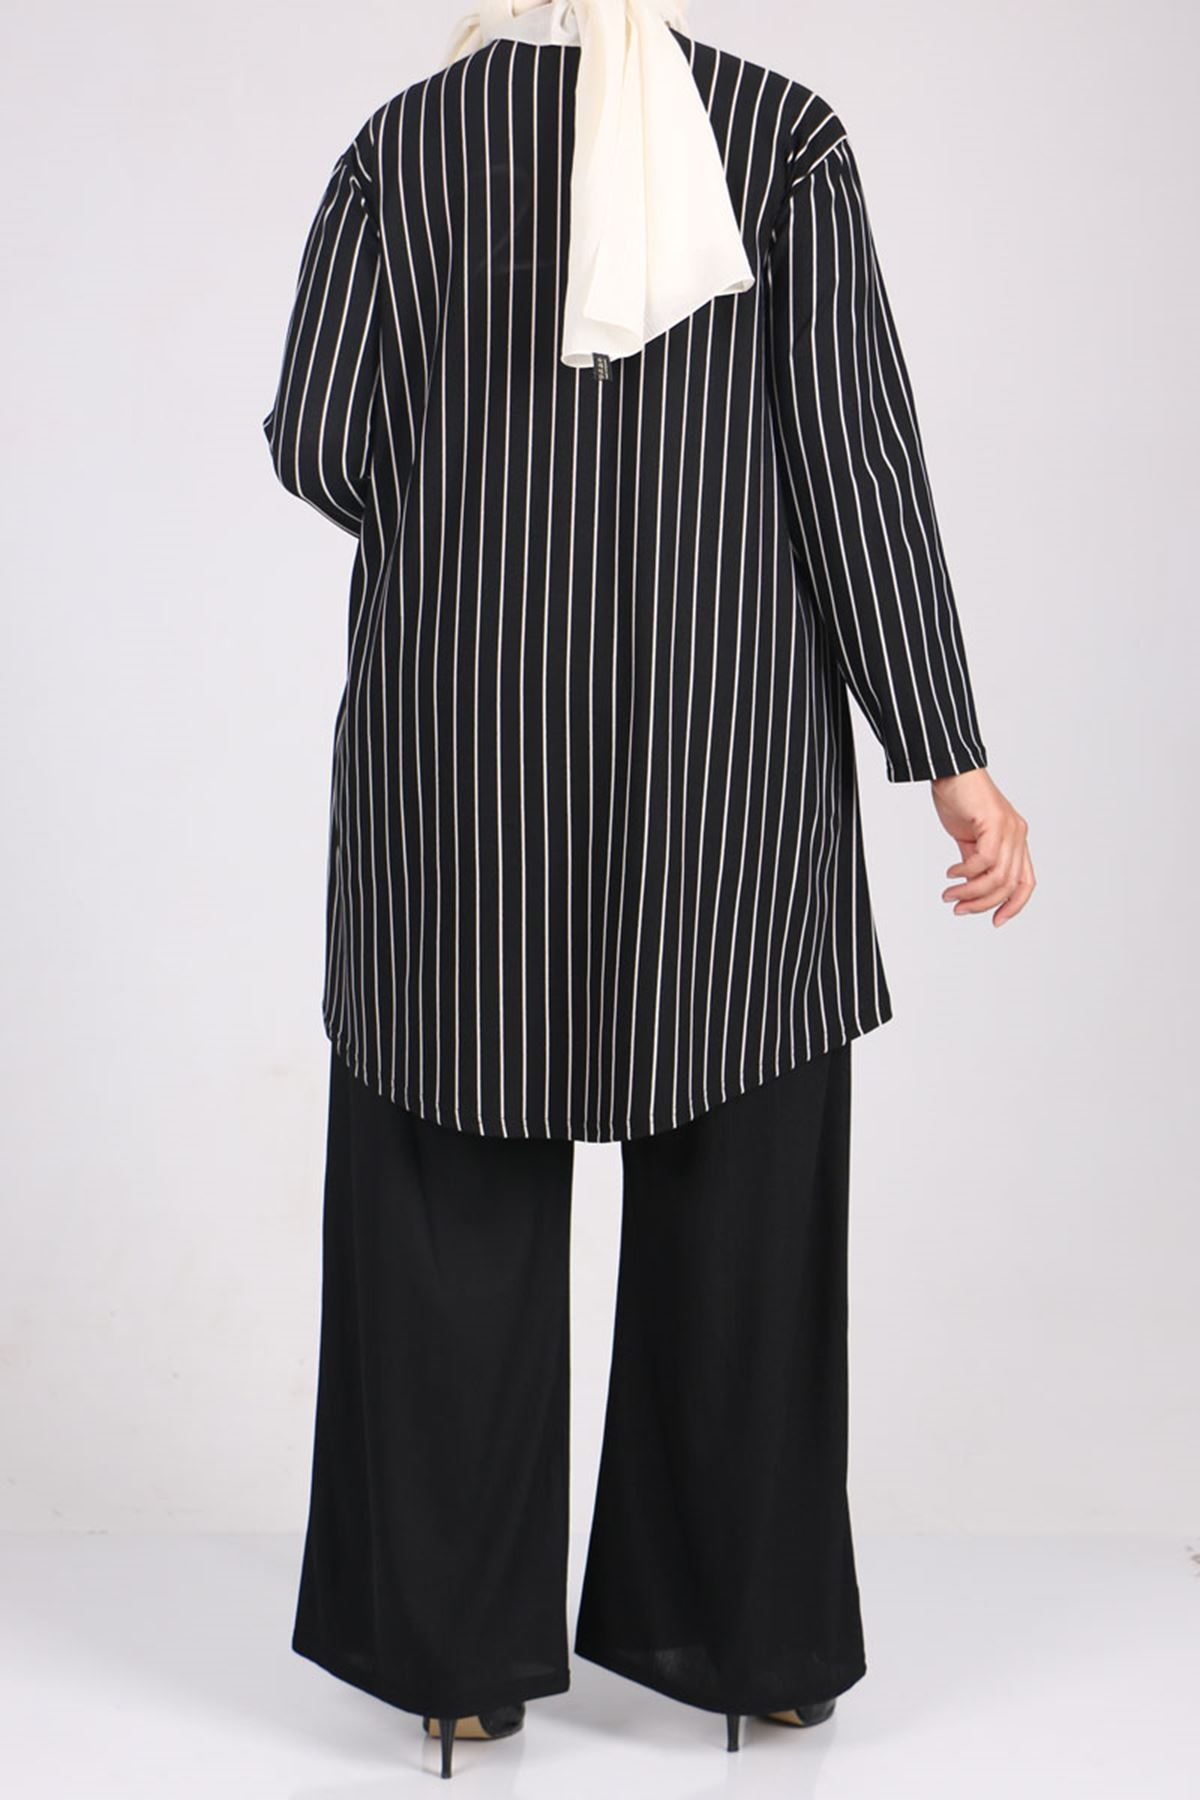 7707 Büyük Beden Örme Krep- Pantolonlu Takım - Siyah Çizgili